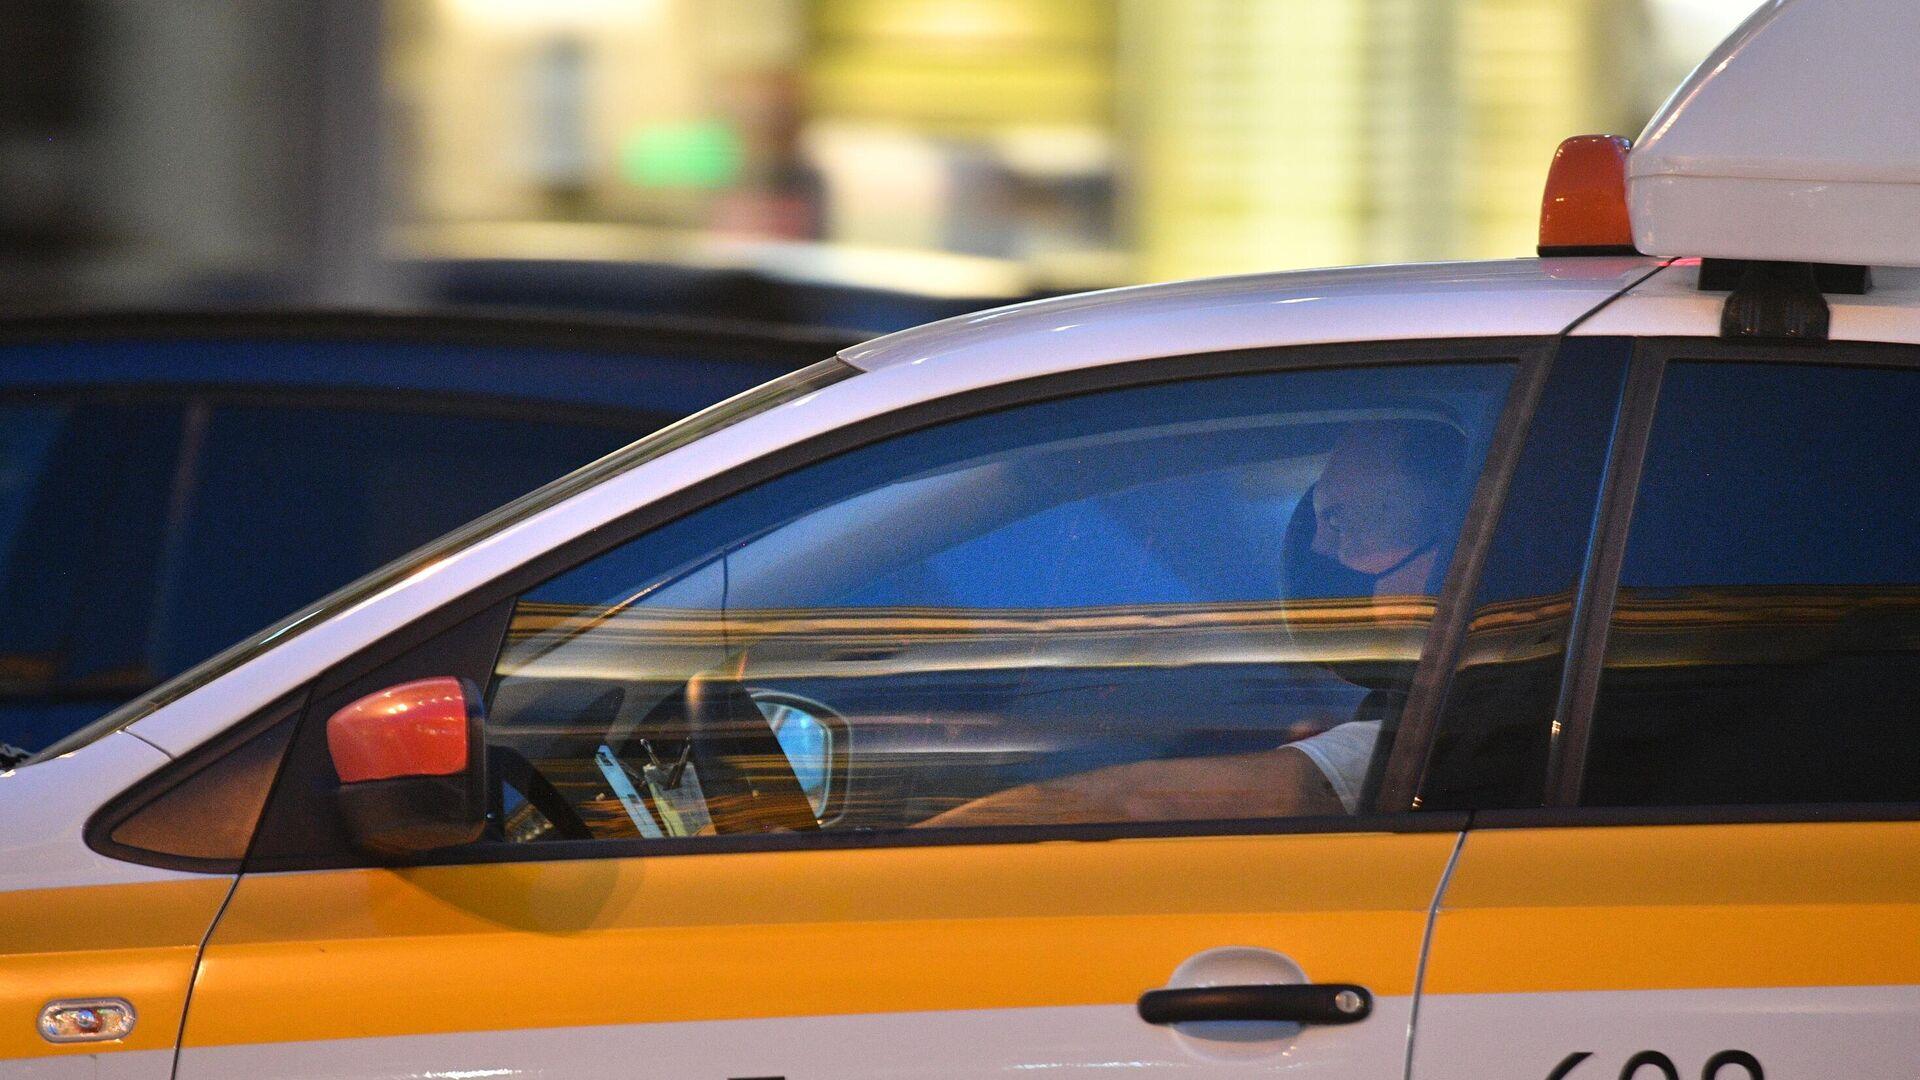 Водитель в защитной маске в автомобиле Яндекс такси на Тверской улице - РИА Новости, 1920, 19.04.2021